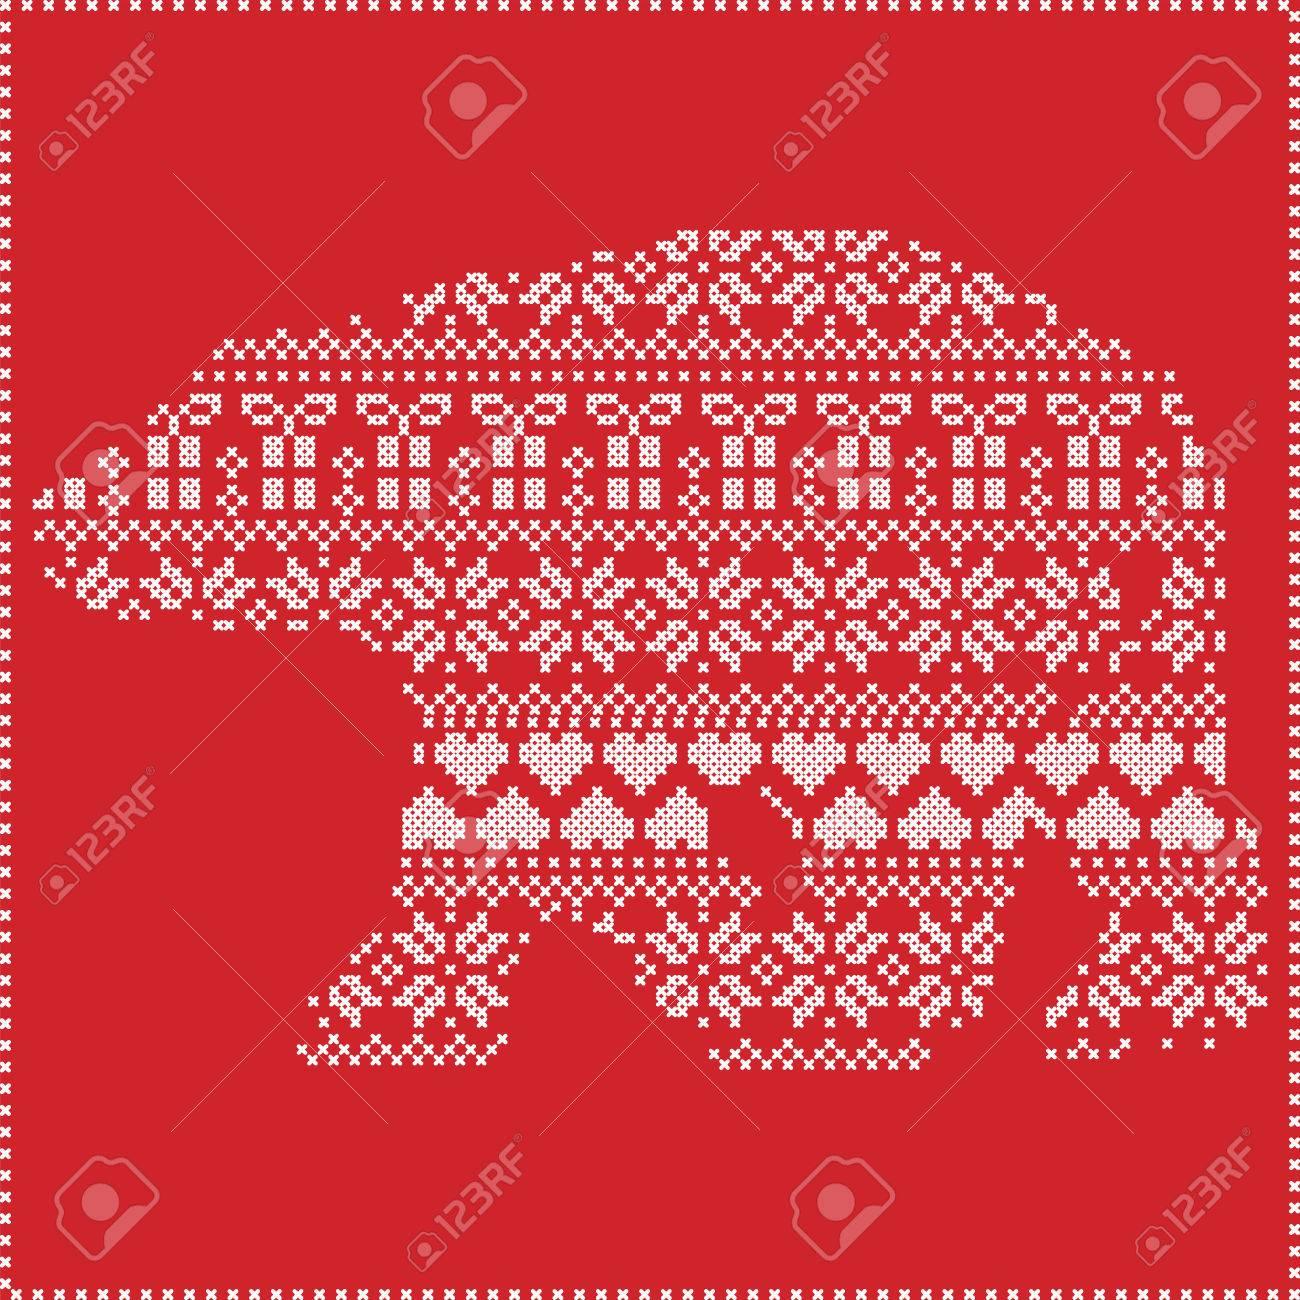 Scandinavian Nordic Winter Nähen Stricken Weihnachtsmuster In In ...